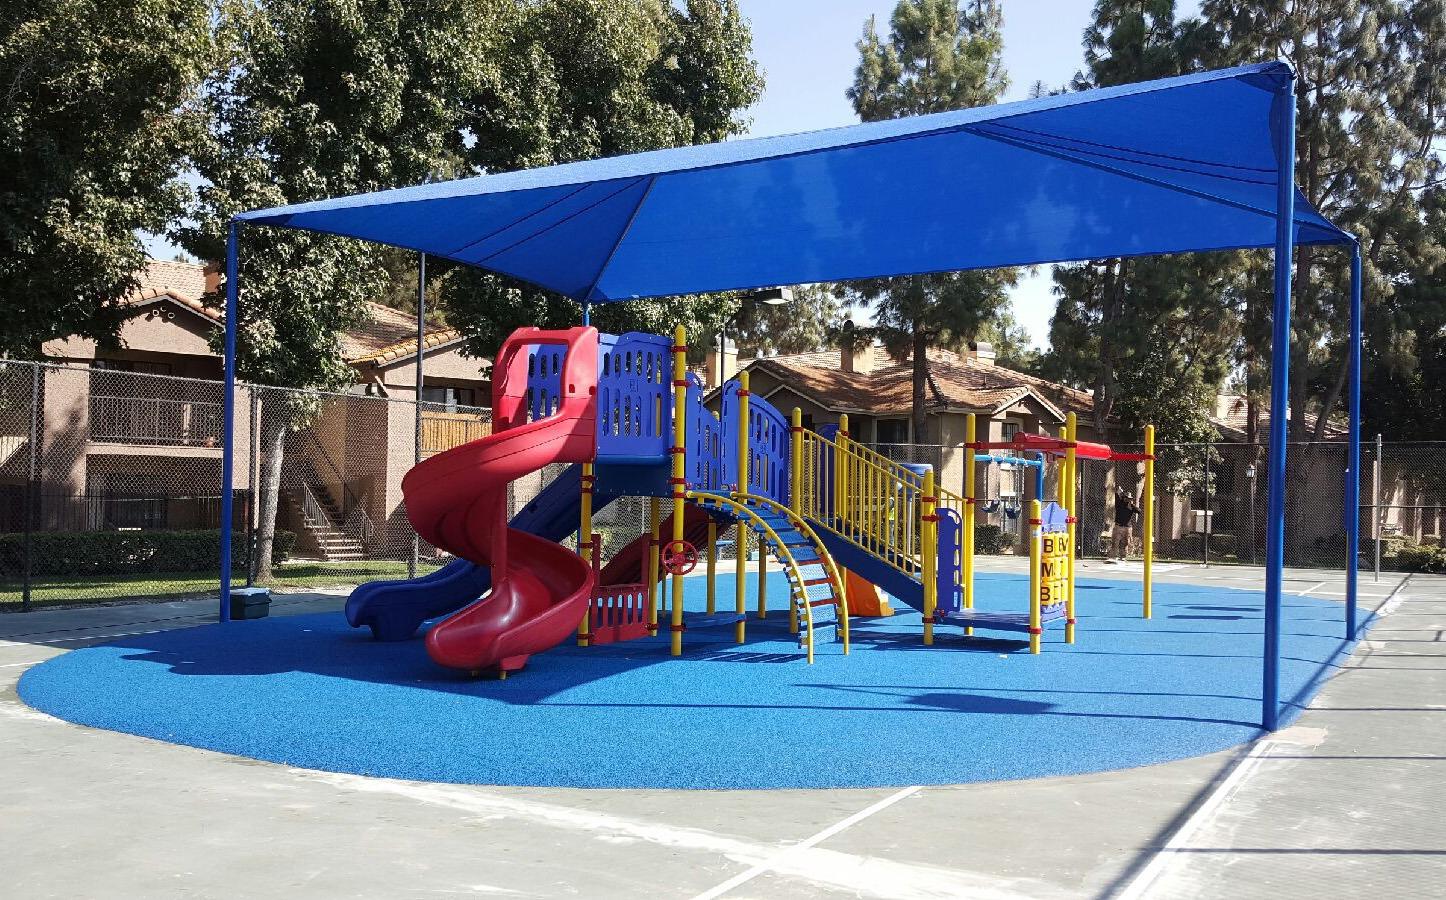 Terracina Apartment Homes' brand-new playground